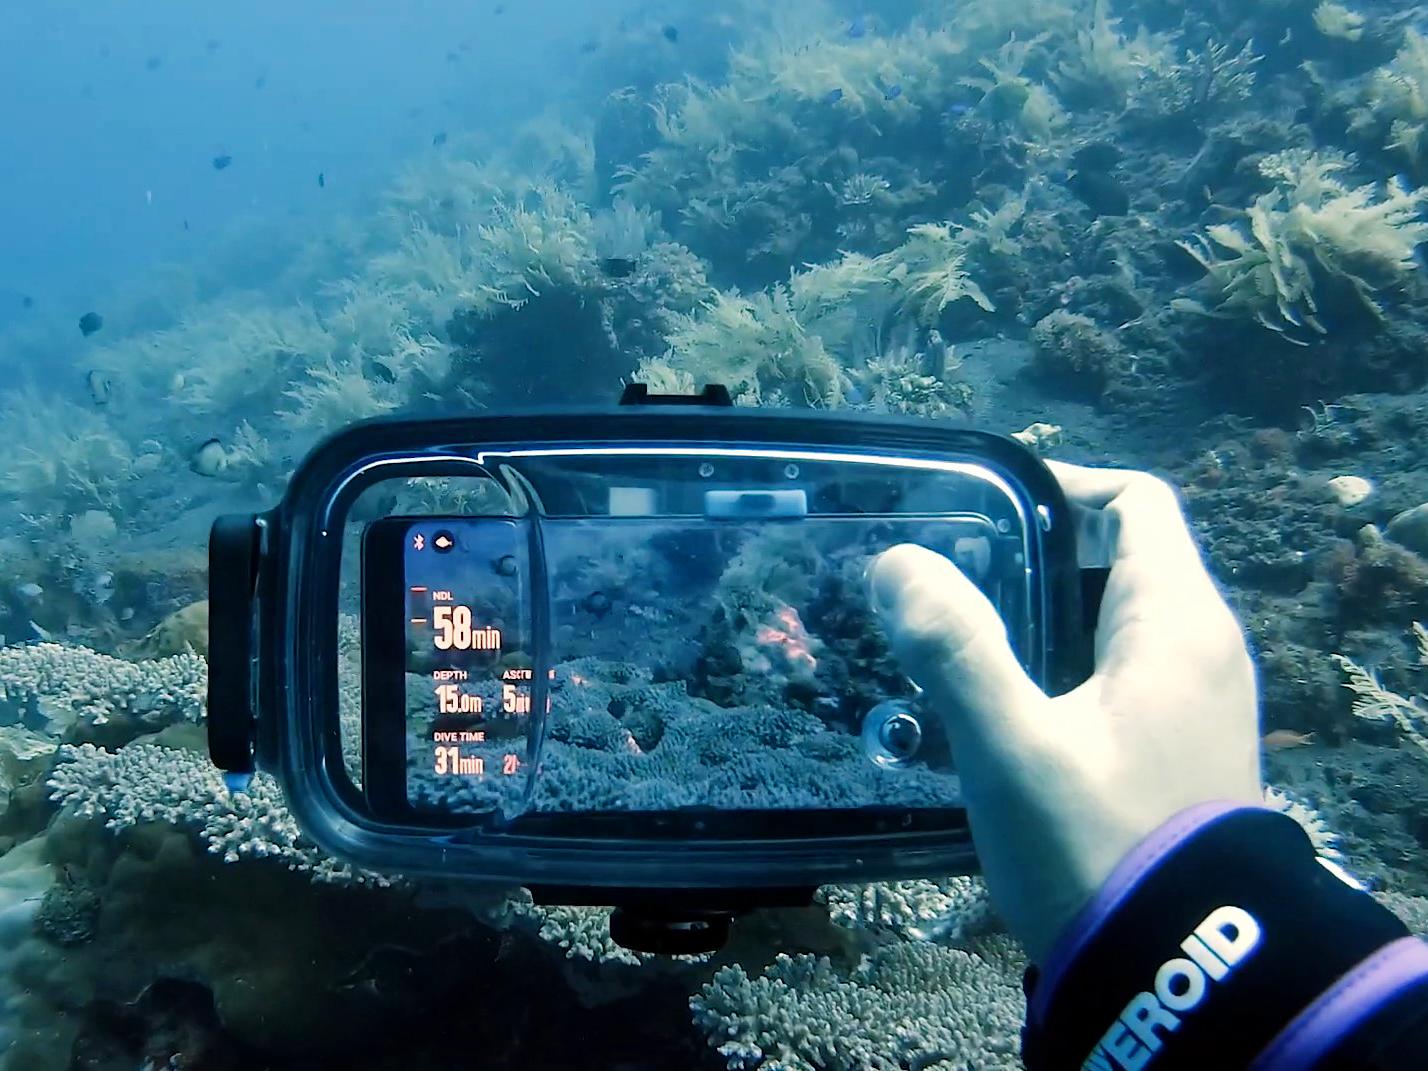 нашли подходящего смартфон который фотографирует под водой сумерках вспыхнут